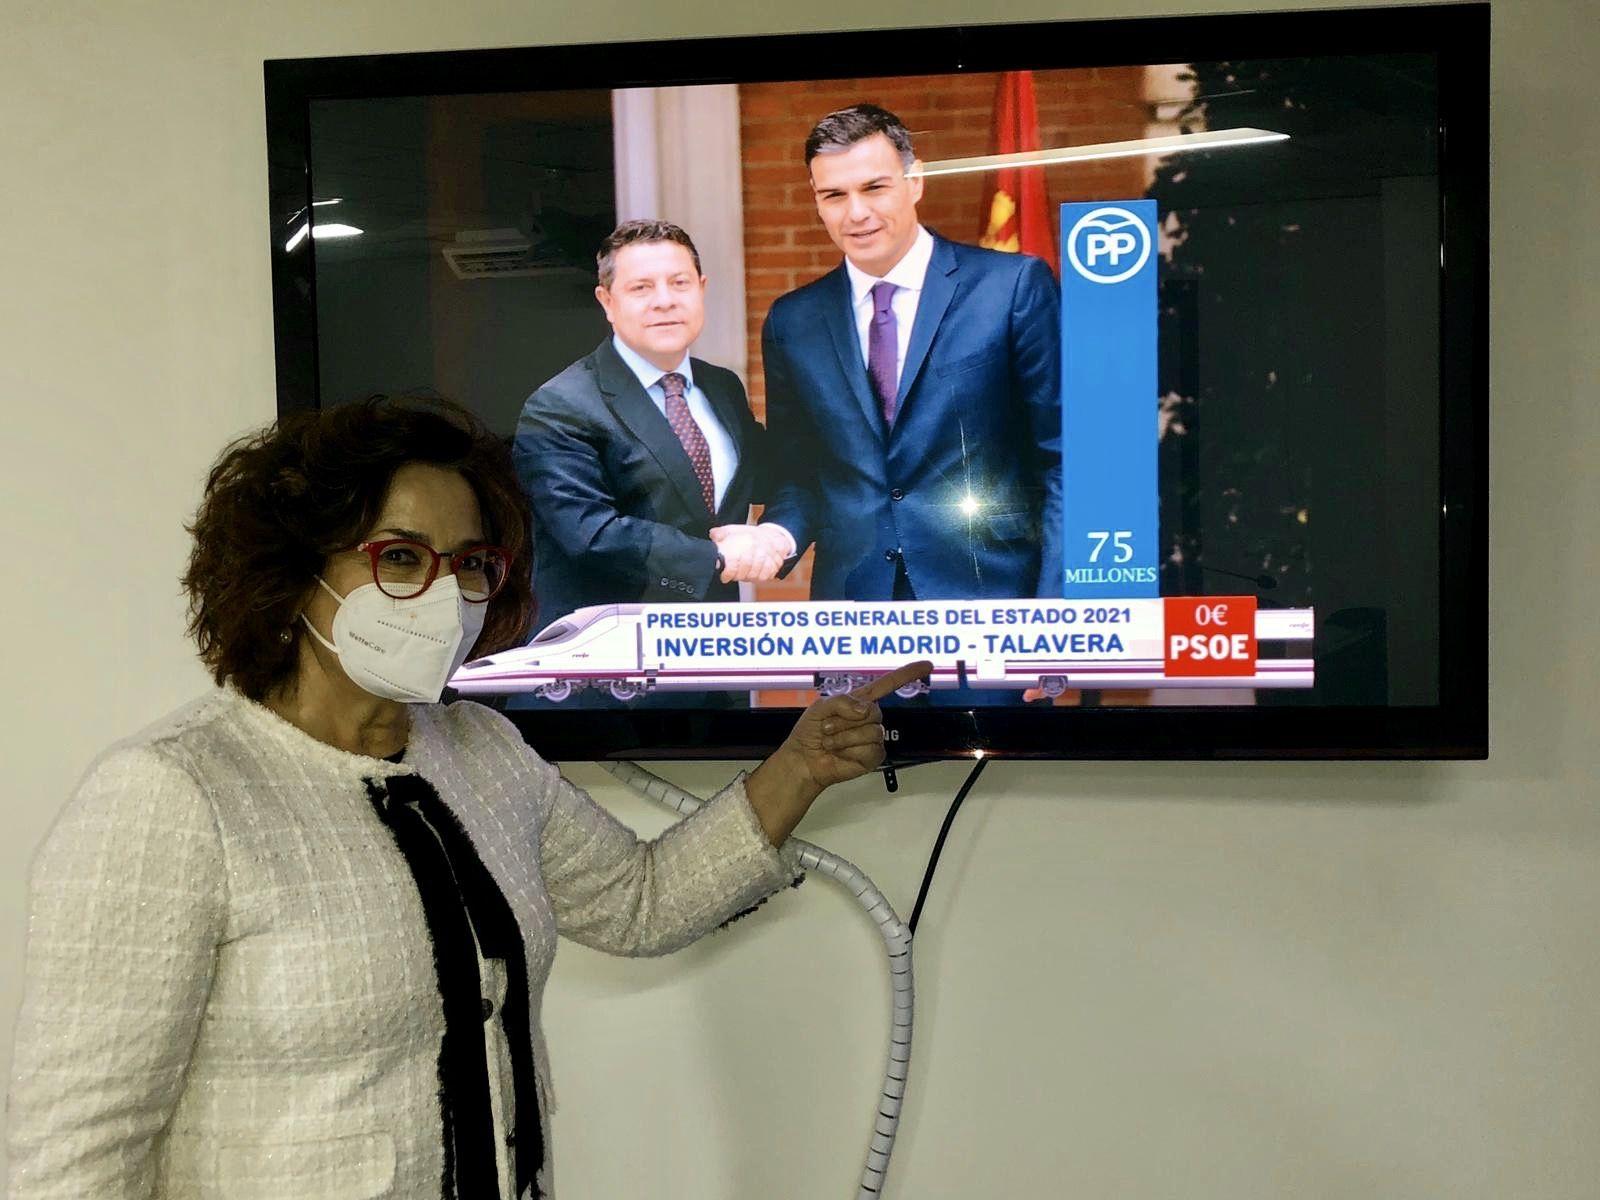 Los parlamentarios del PP de la provincia recuerdan al Gobierno de Sánchez que Talavera y su comarca también existen para los PGE de 2022